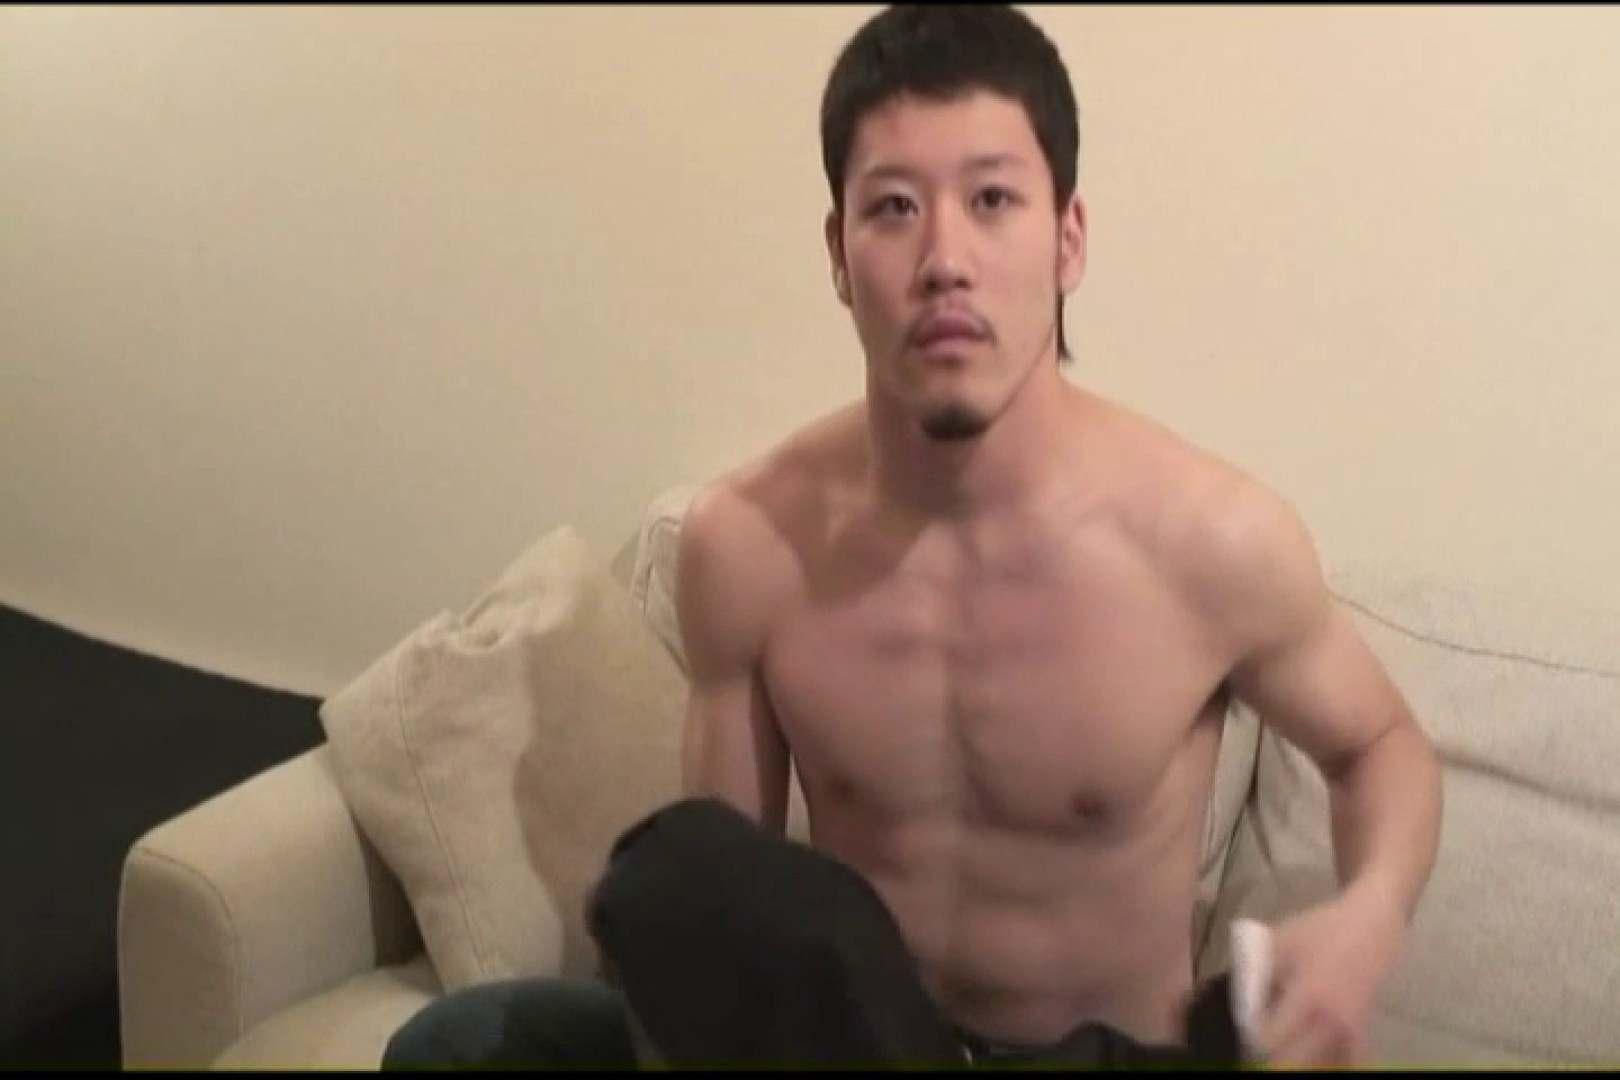 バスケットメンGプレイ! 裸特集 ゲイエロ動画 90pic 6